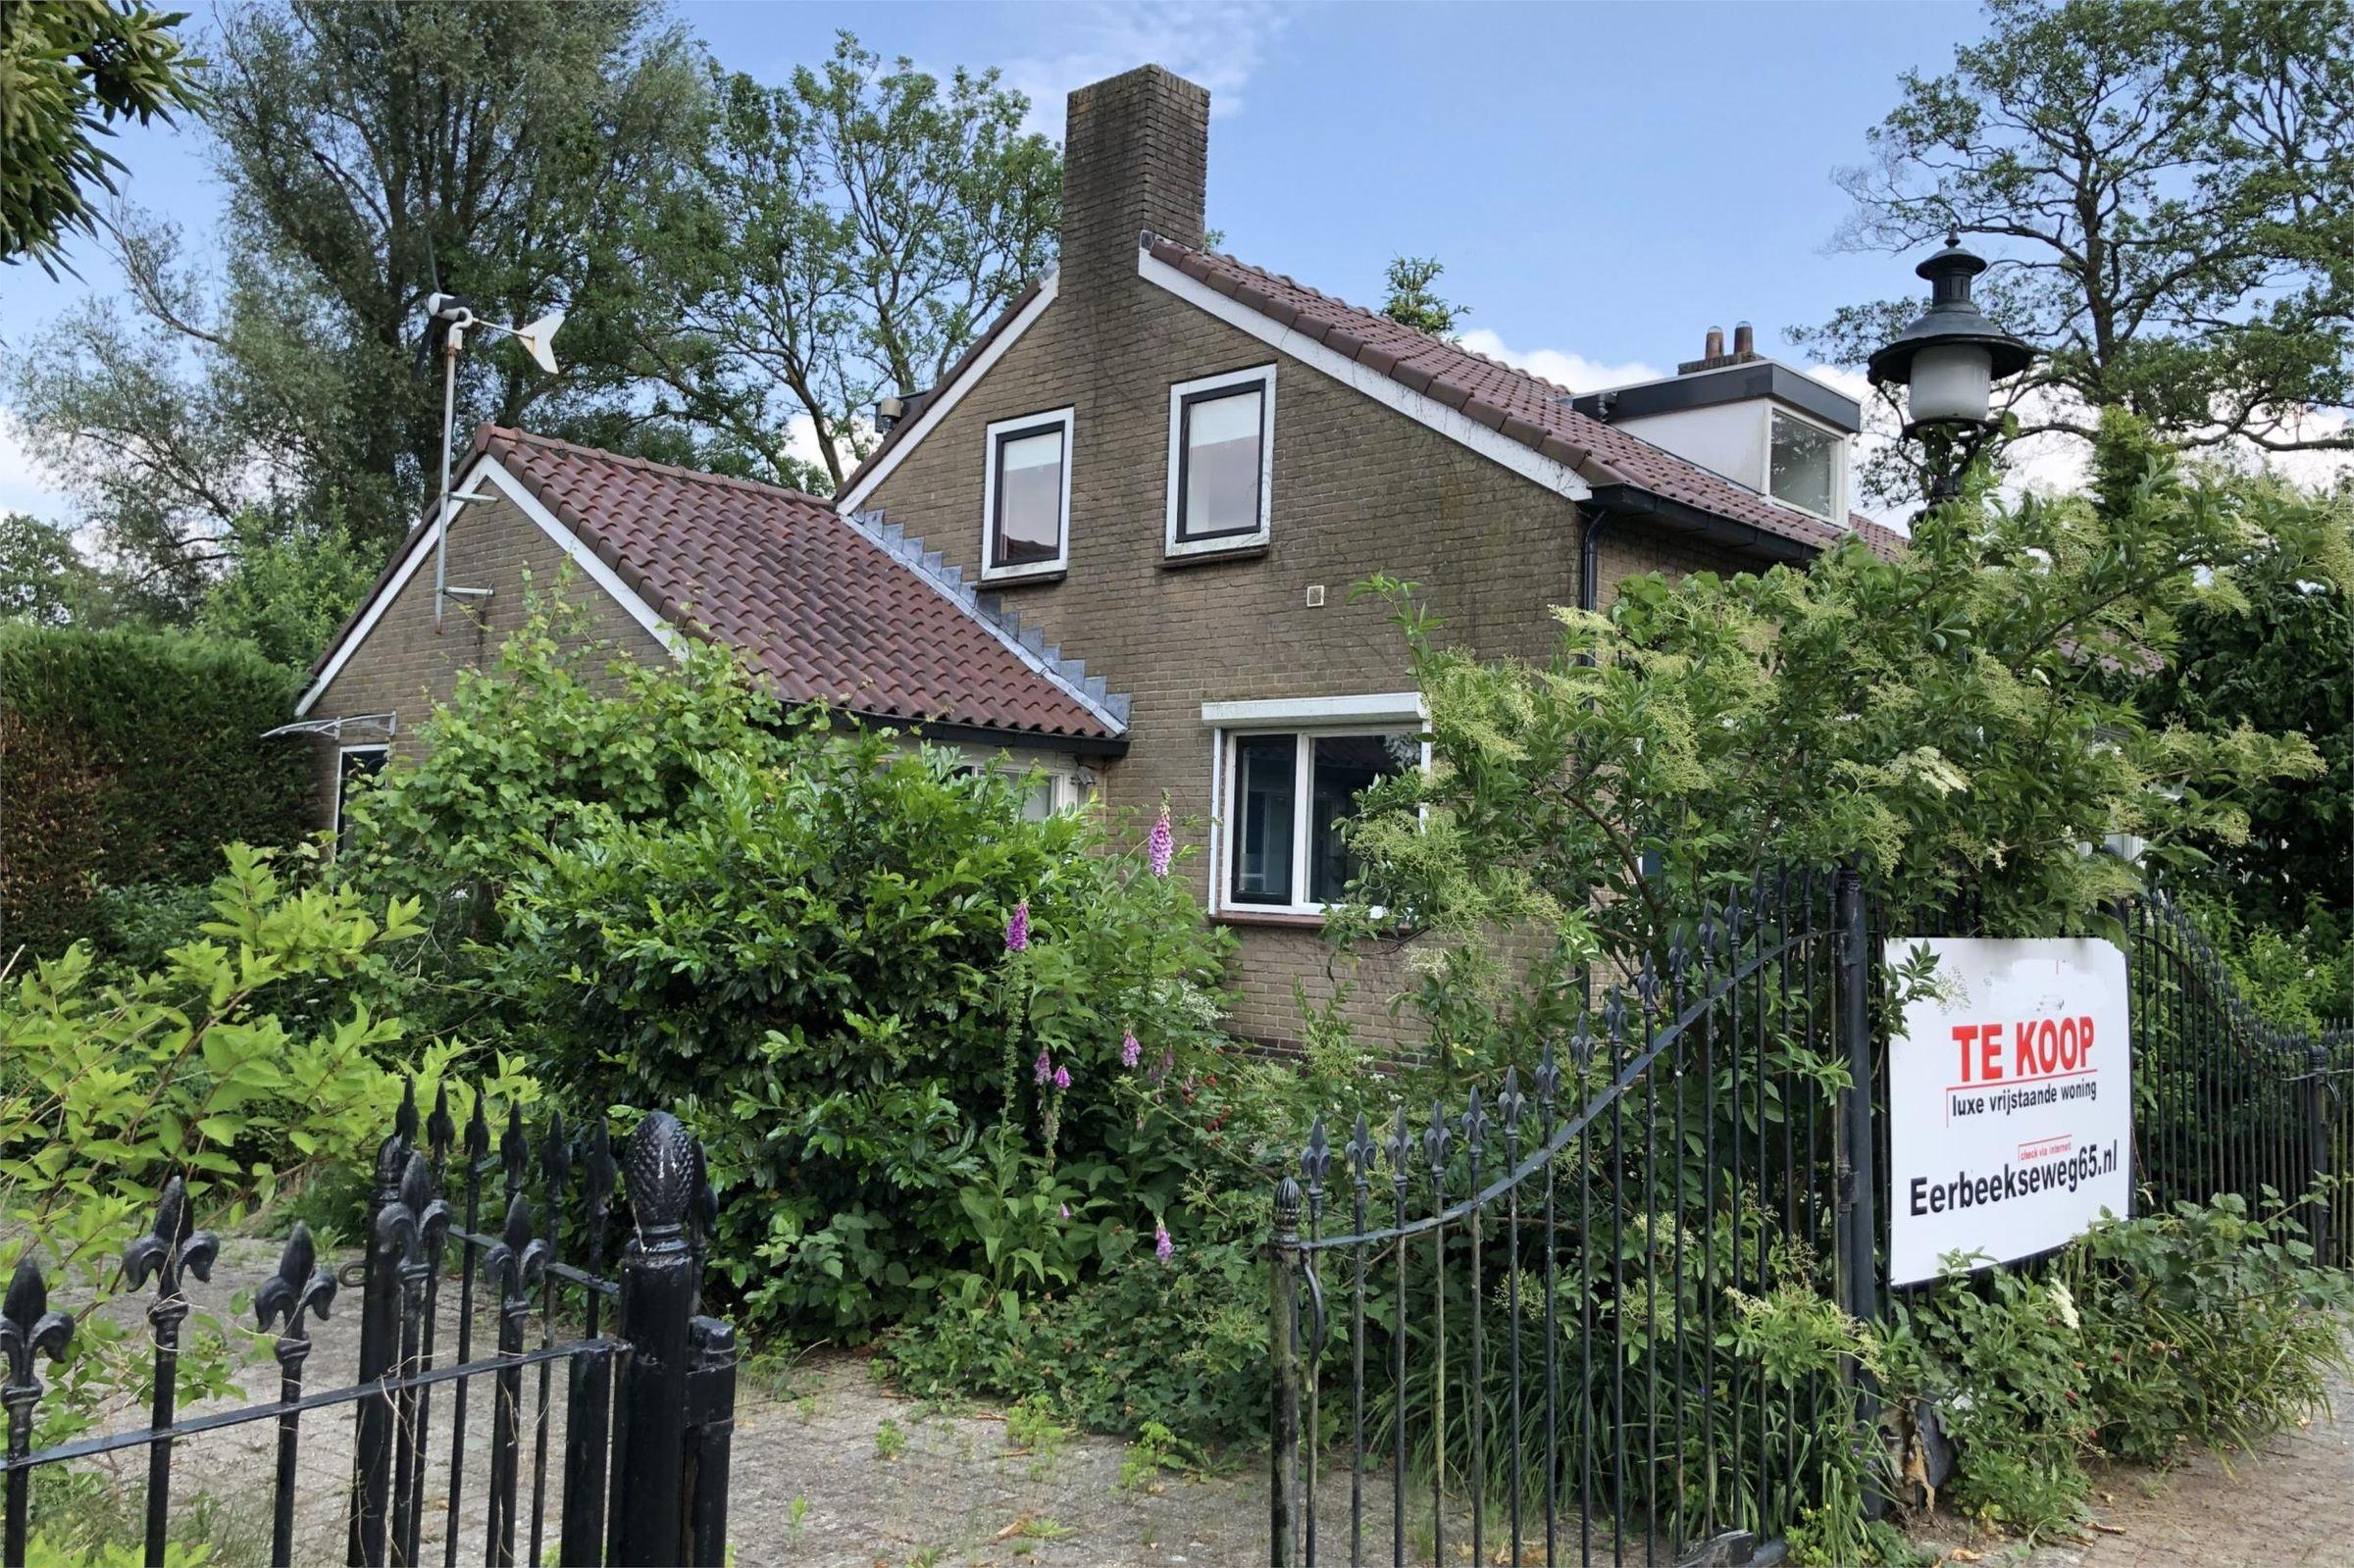 Eerbeekseweg 65, Loenen